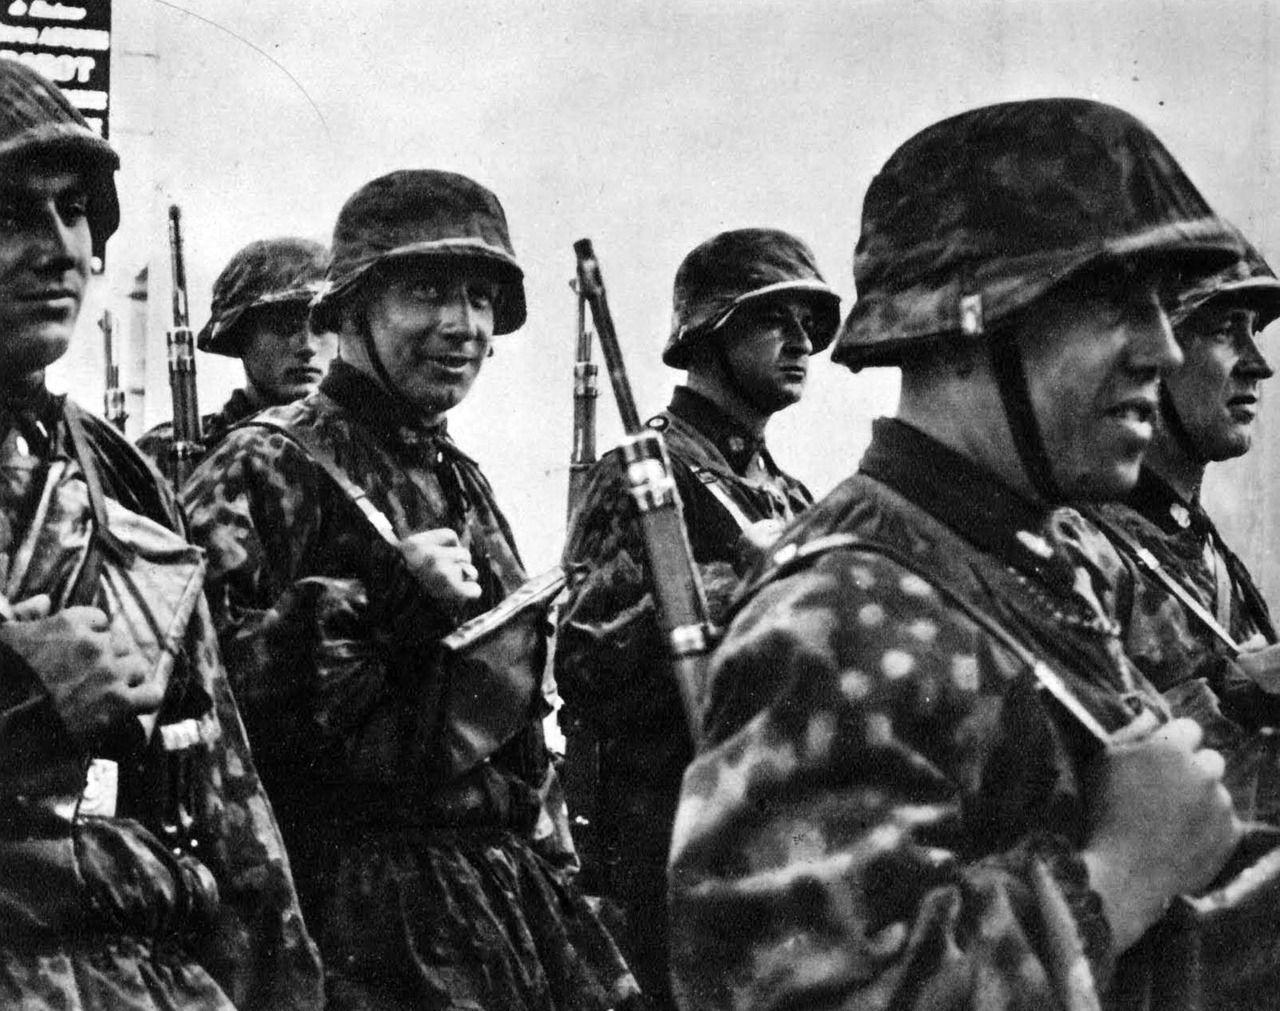 Men of Totenkopf